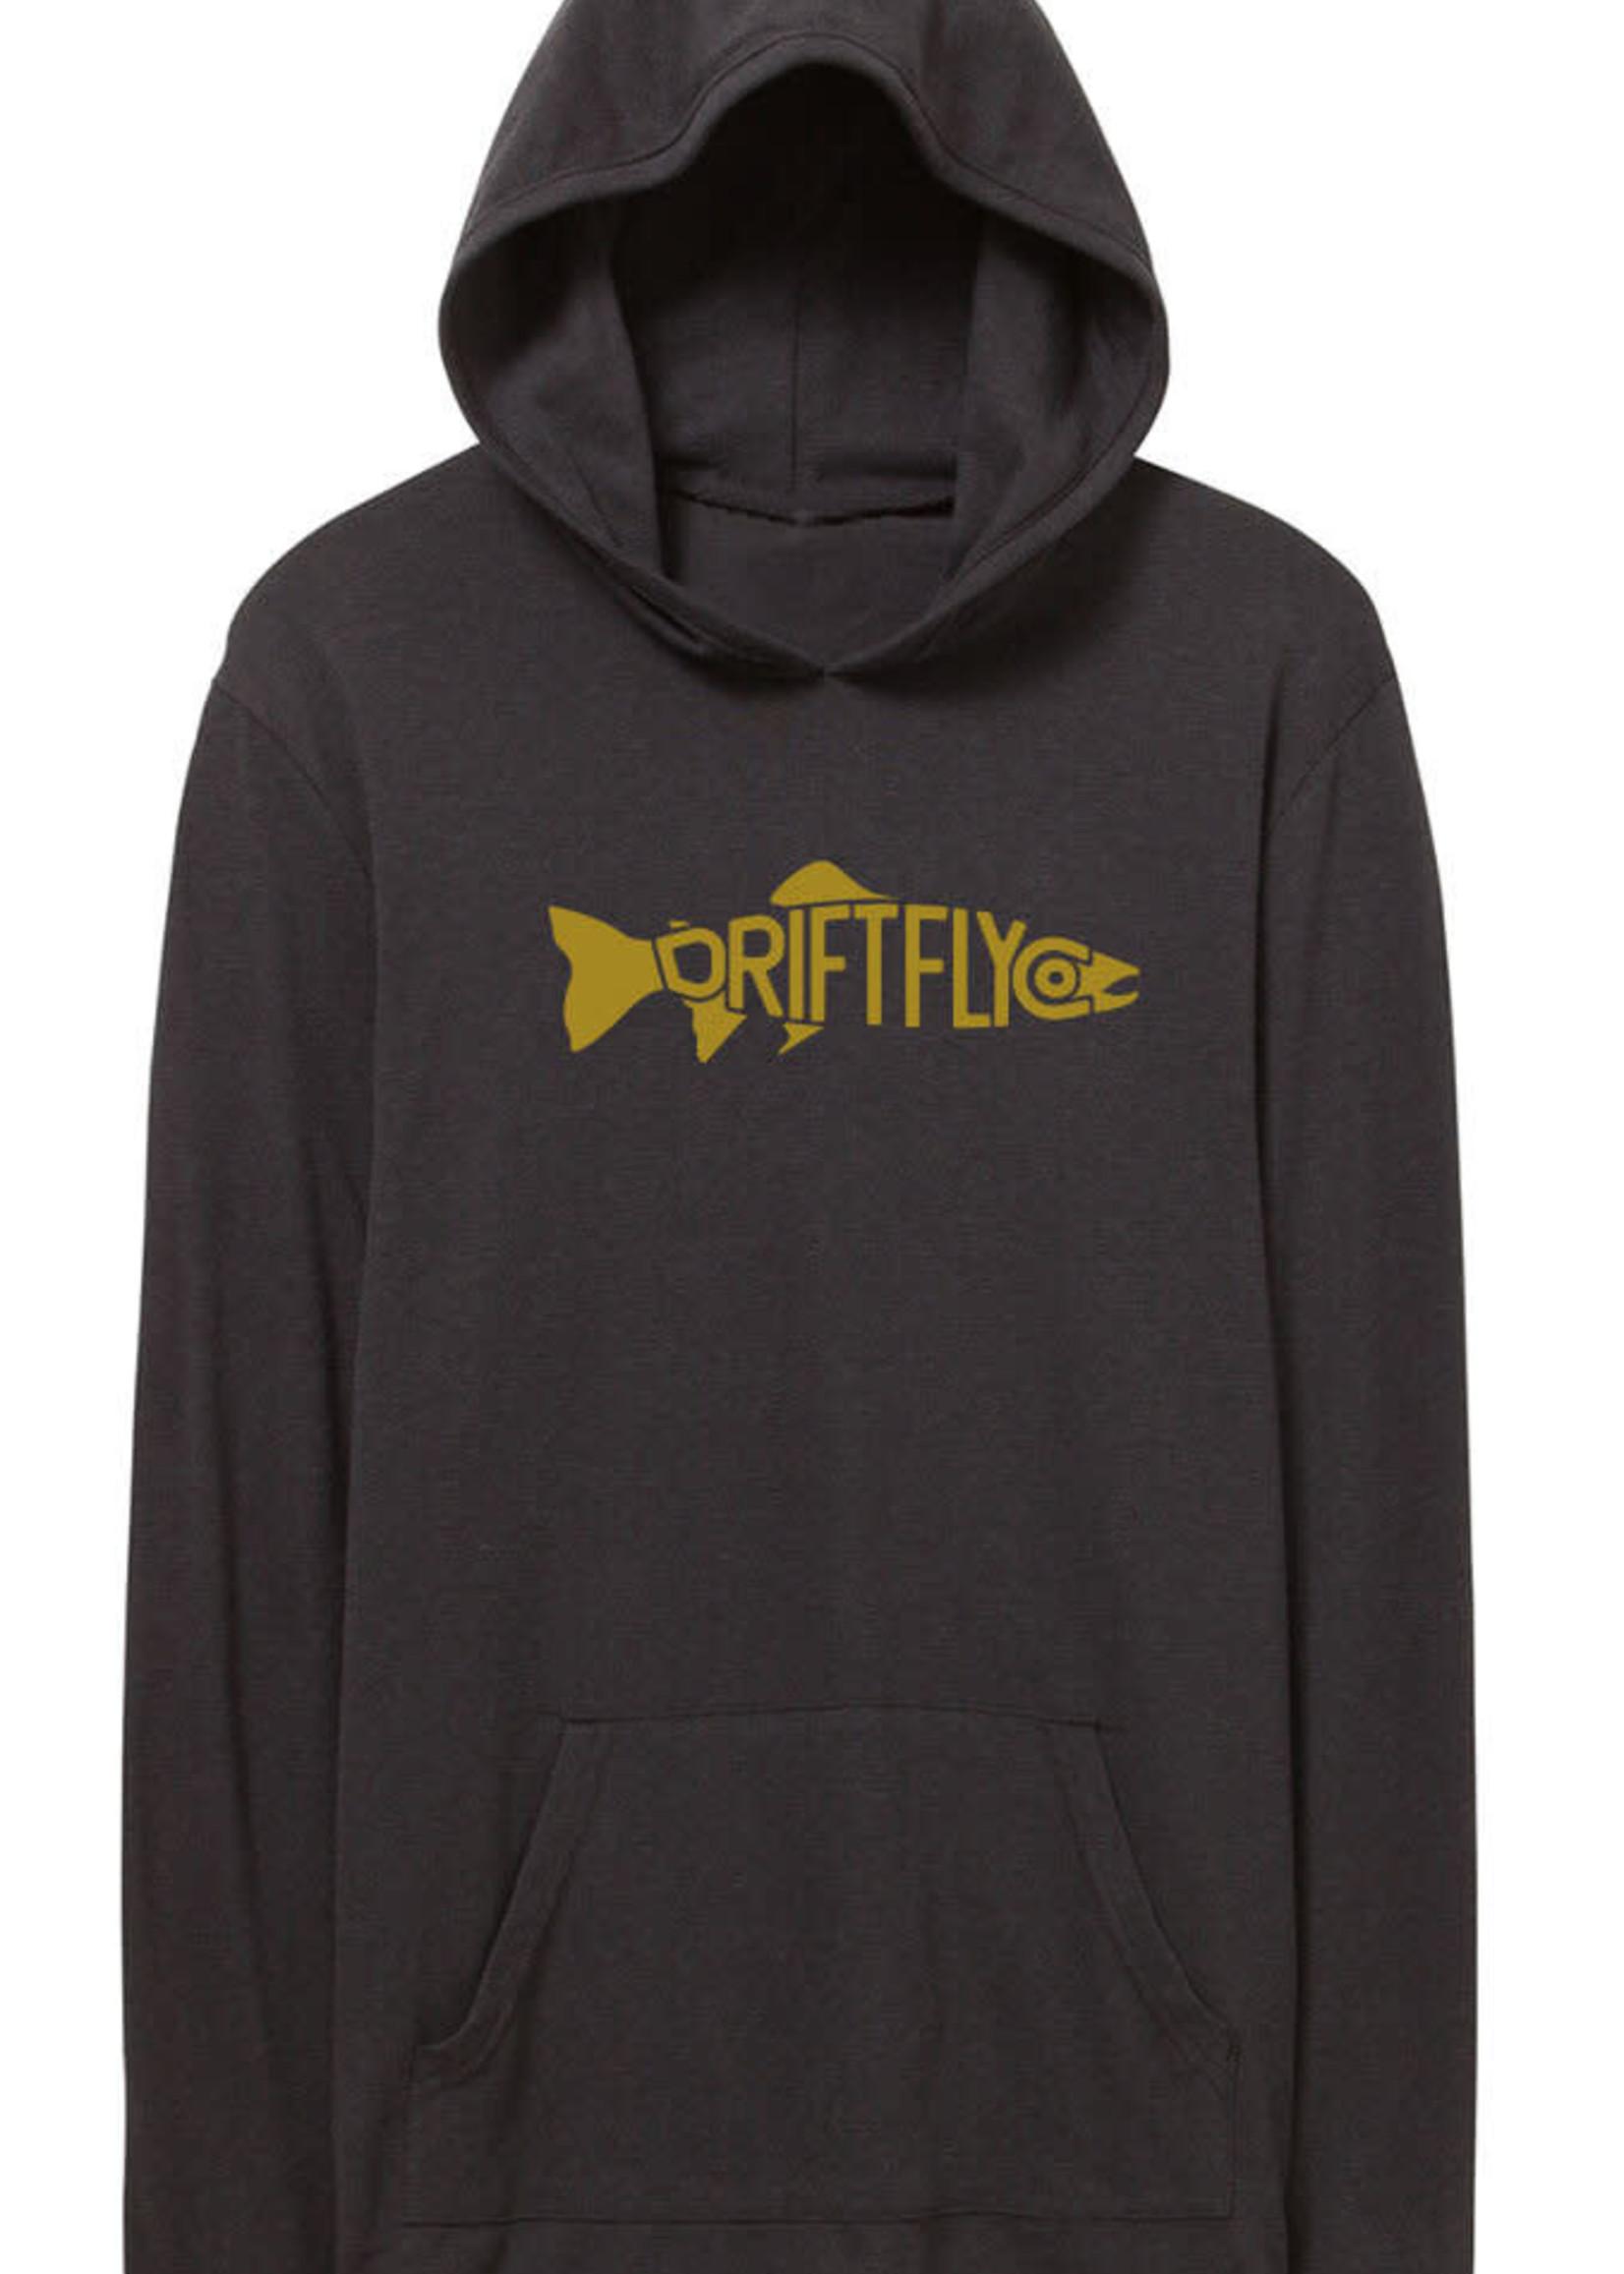 Drift Fly Co. DRIFT Lightweight Hoodie